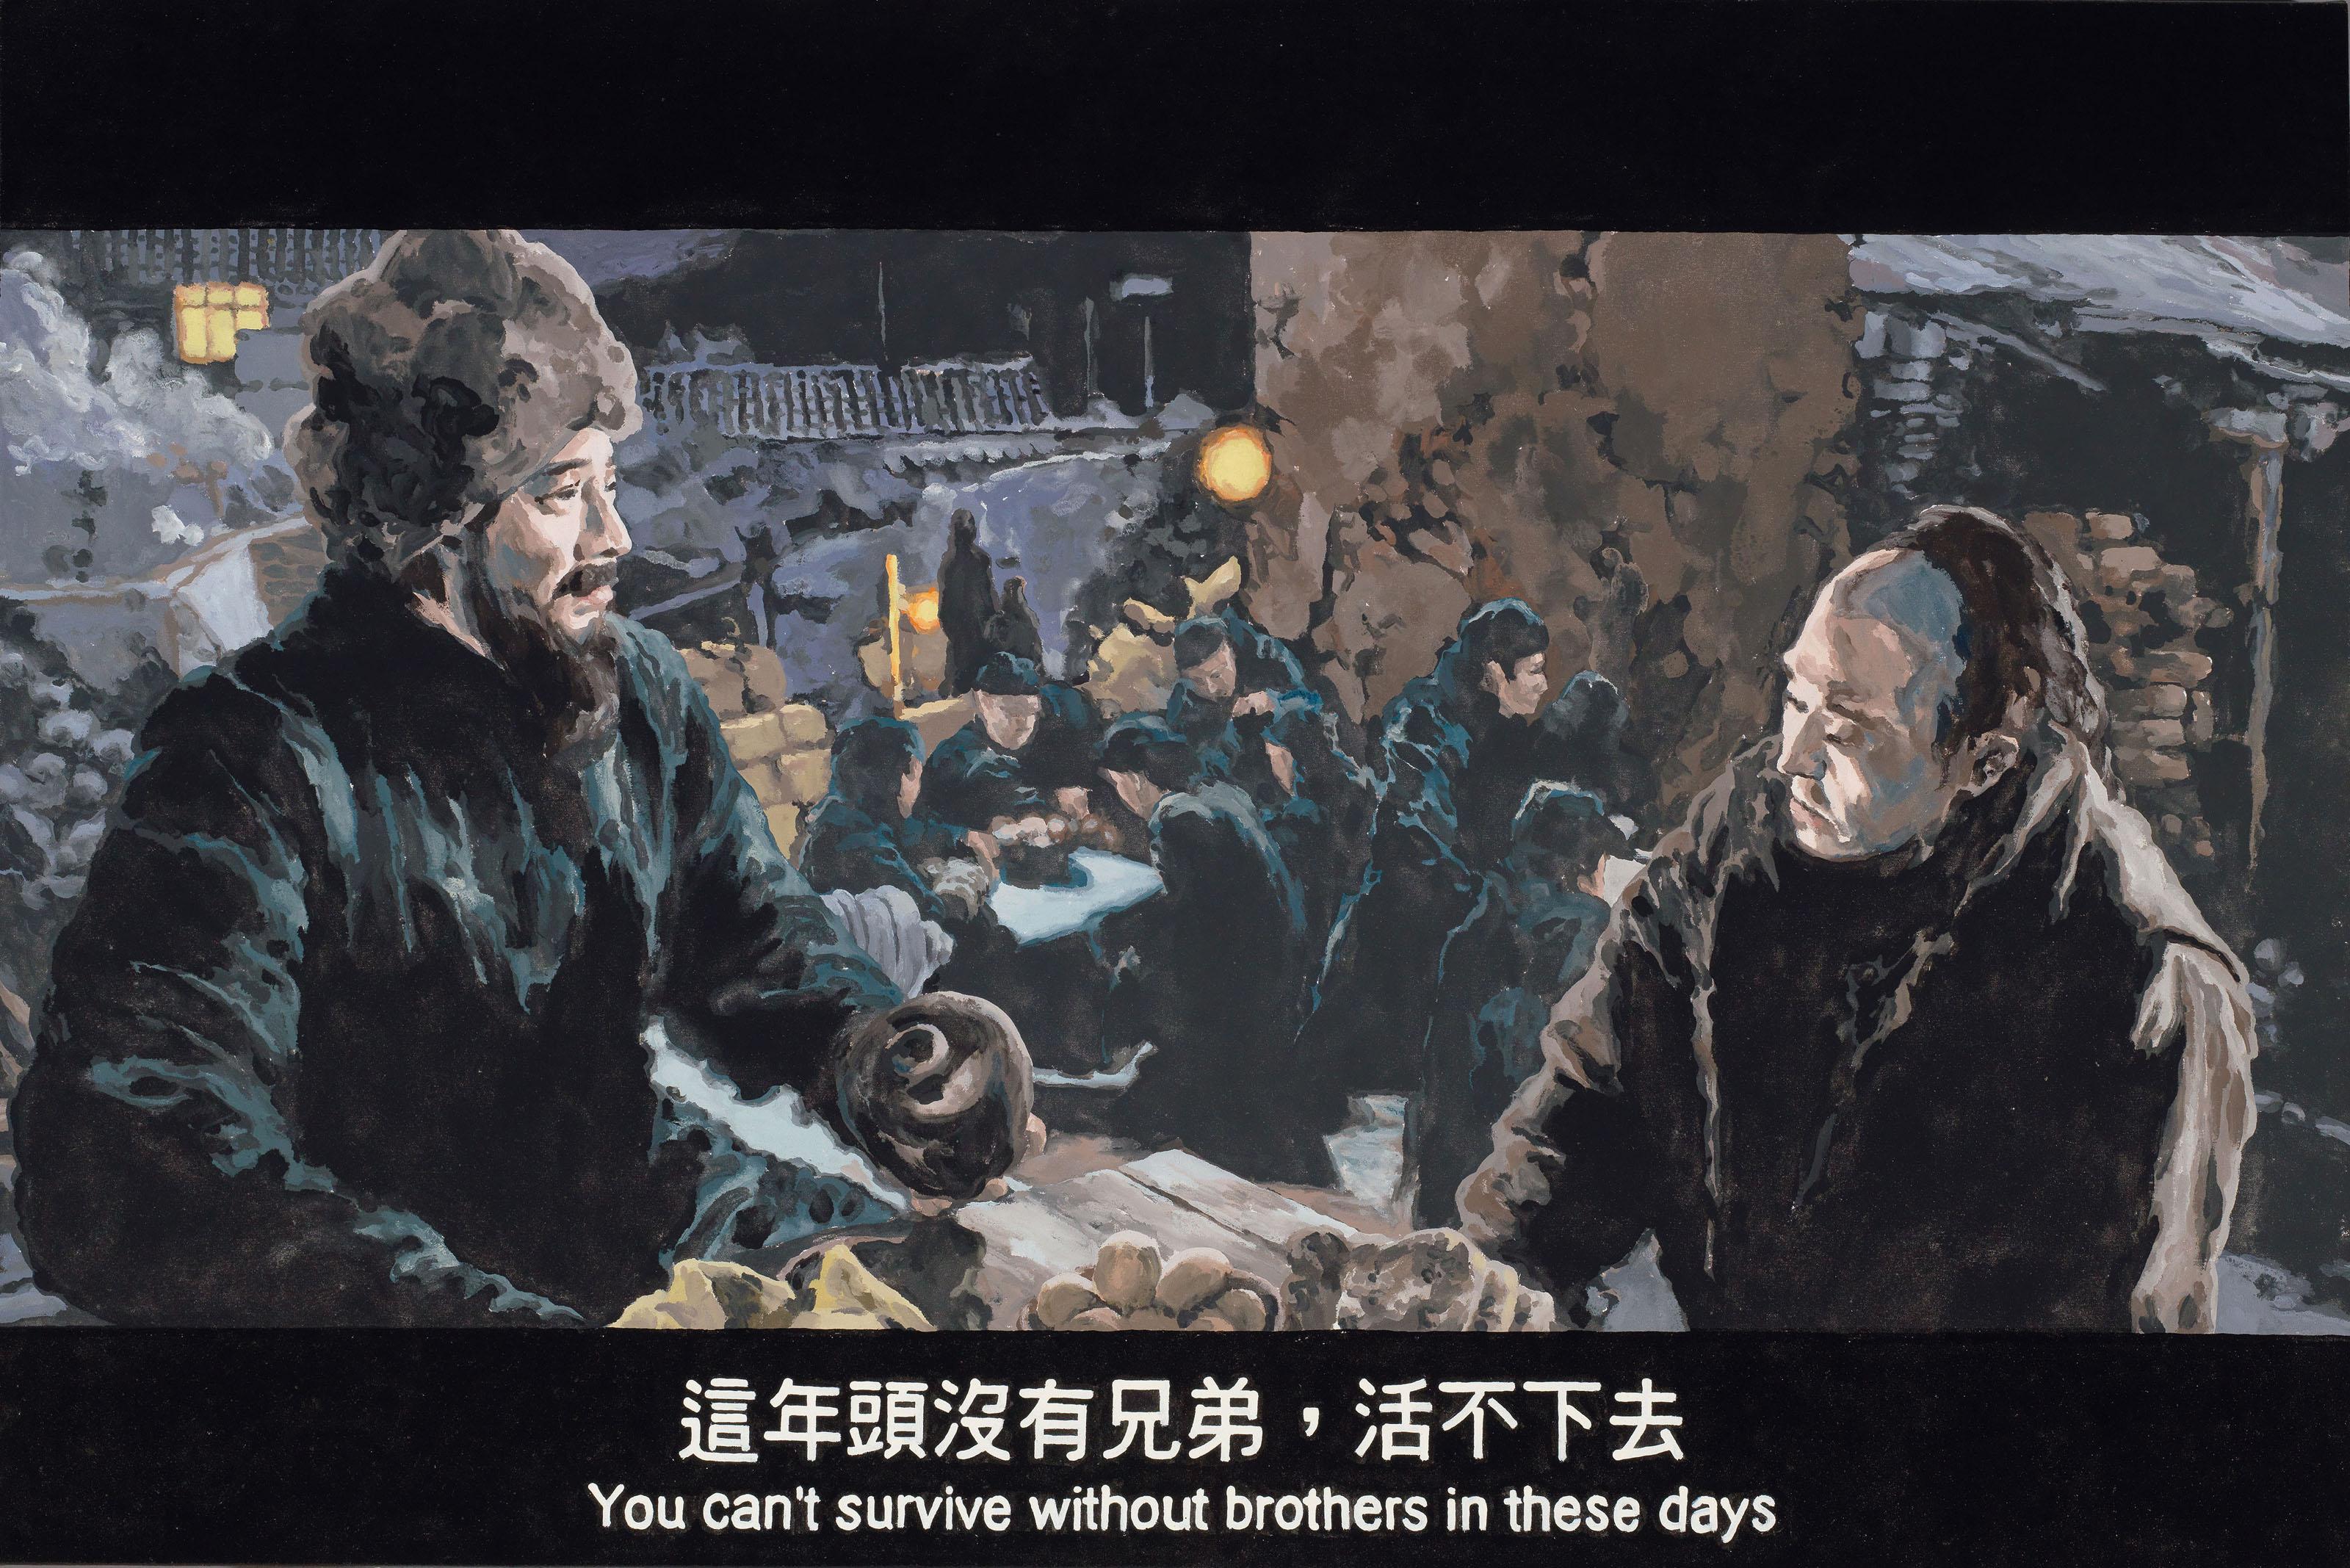 CHOW CHUN FAI (Chinese, B. 198